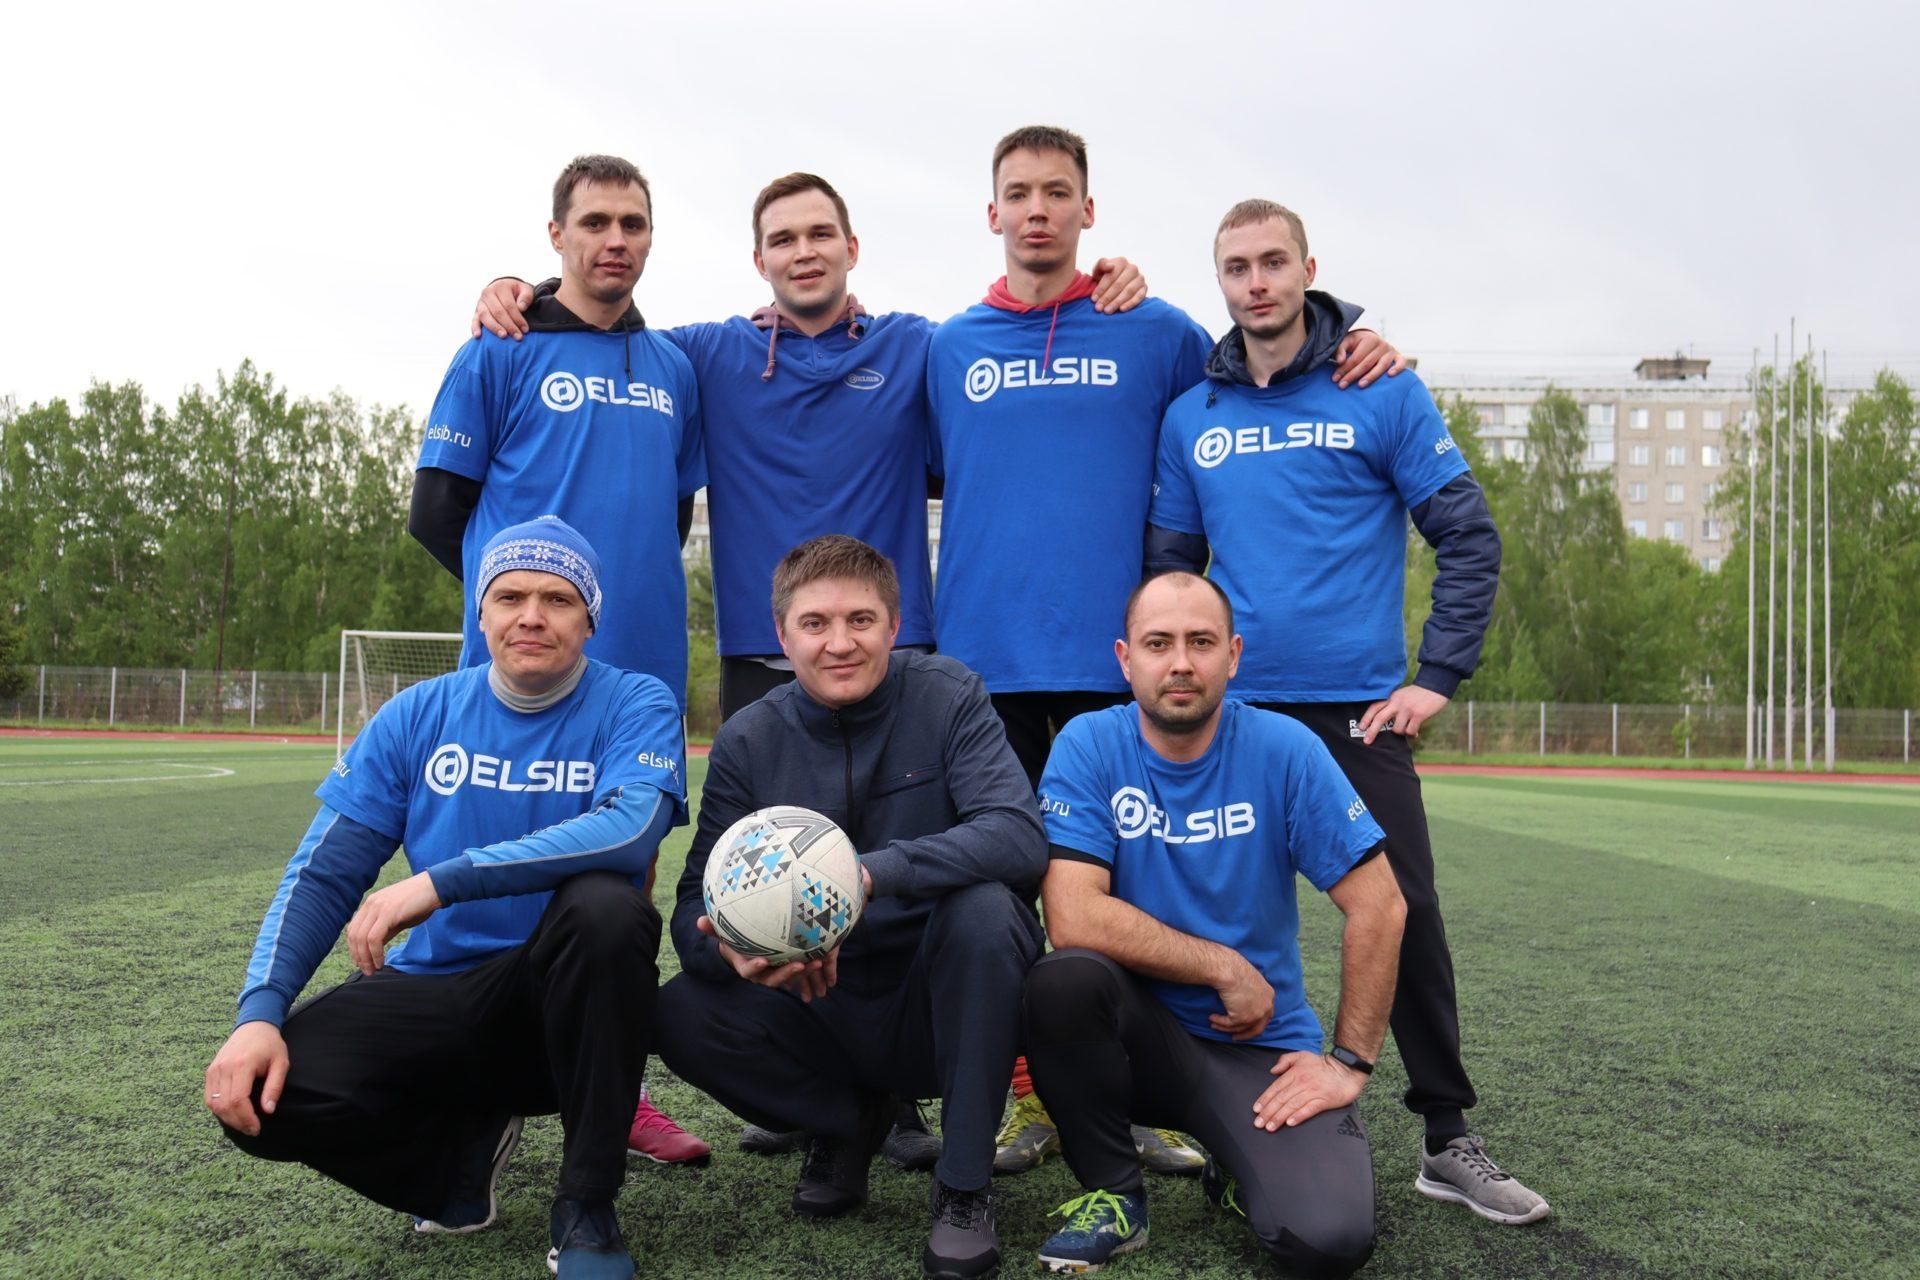 ЭЛСИБ принял участие в спартакиаде среди трудовых коллективов Кировского района!